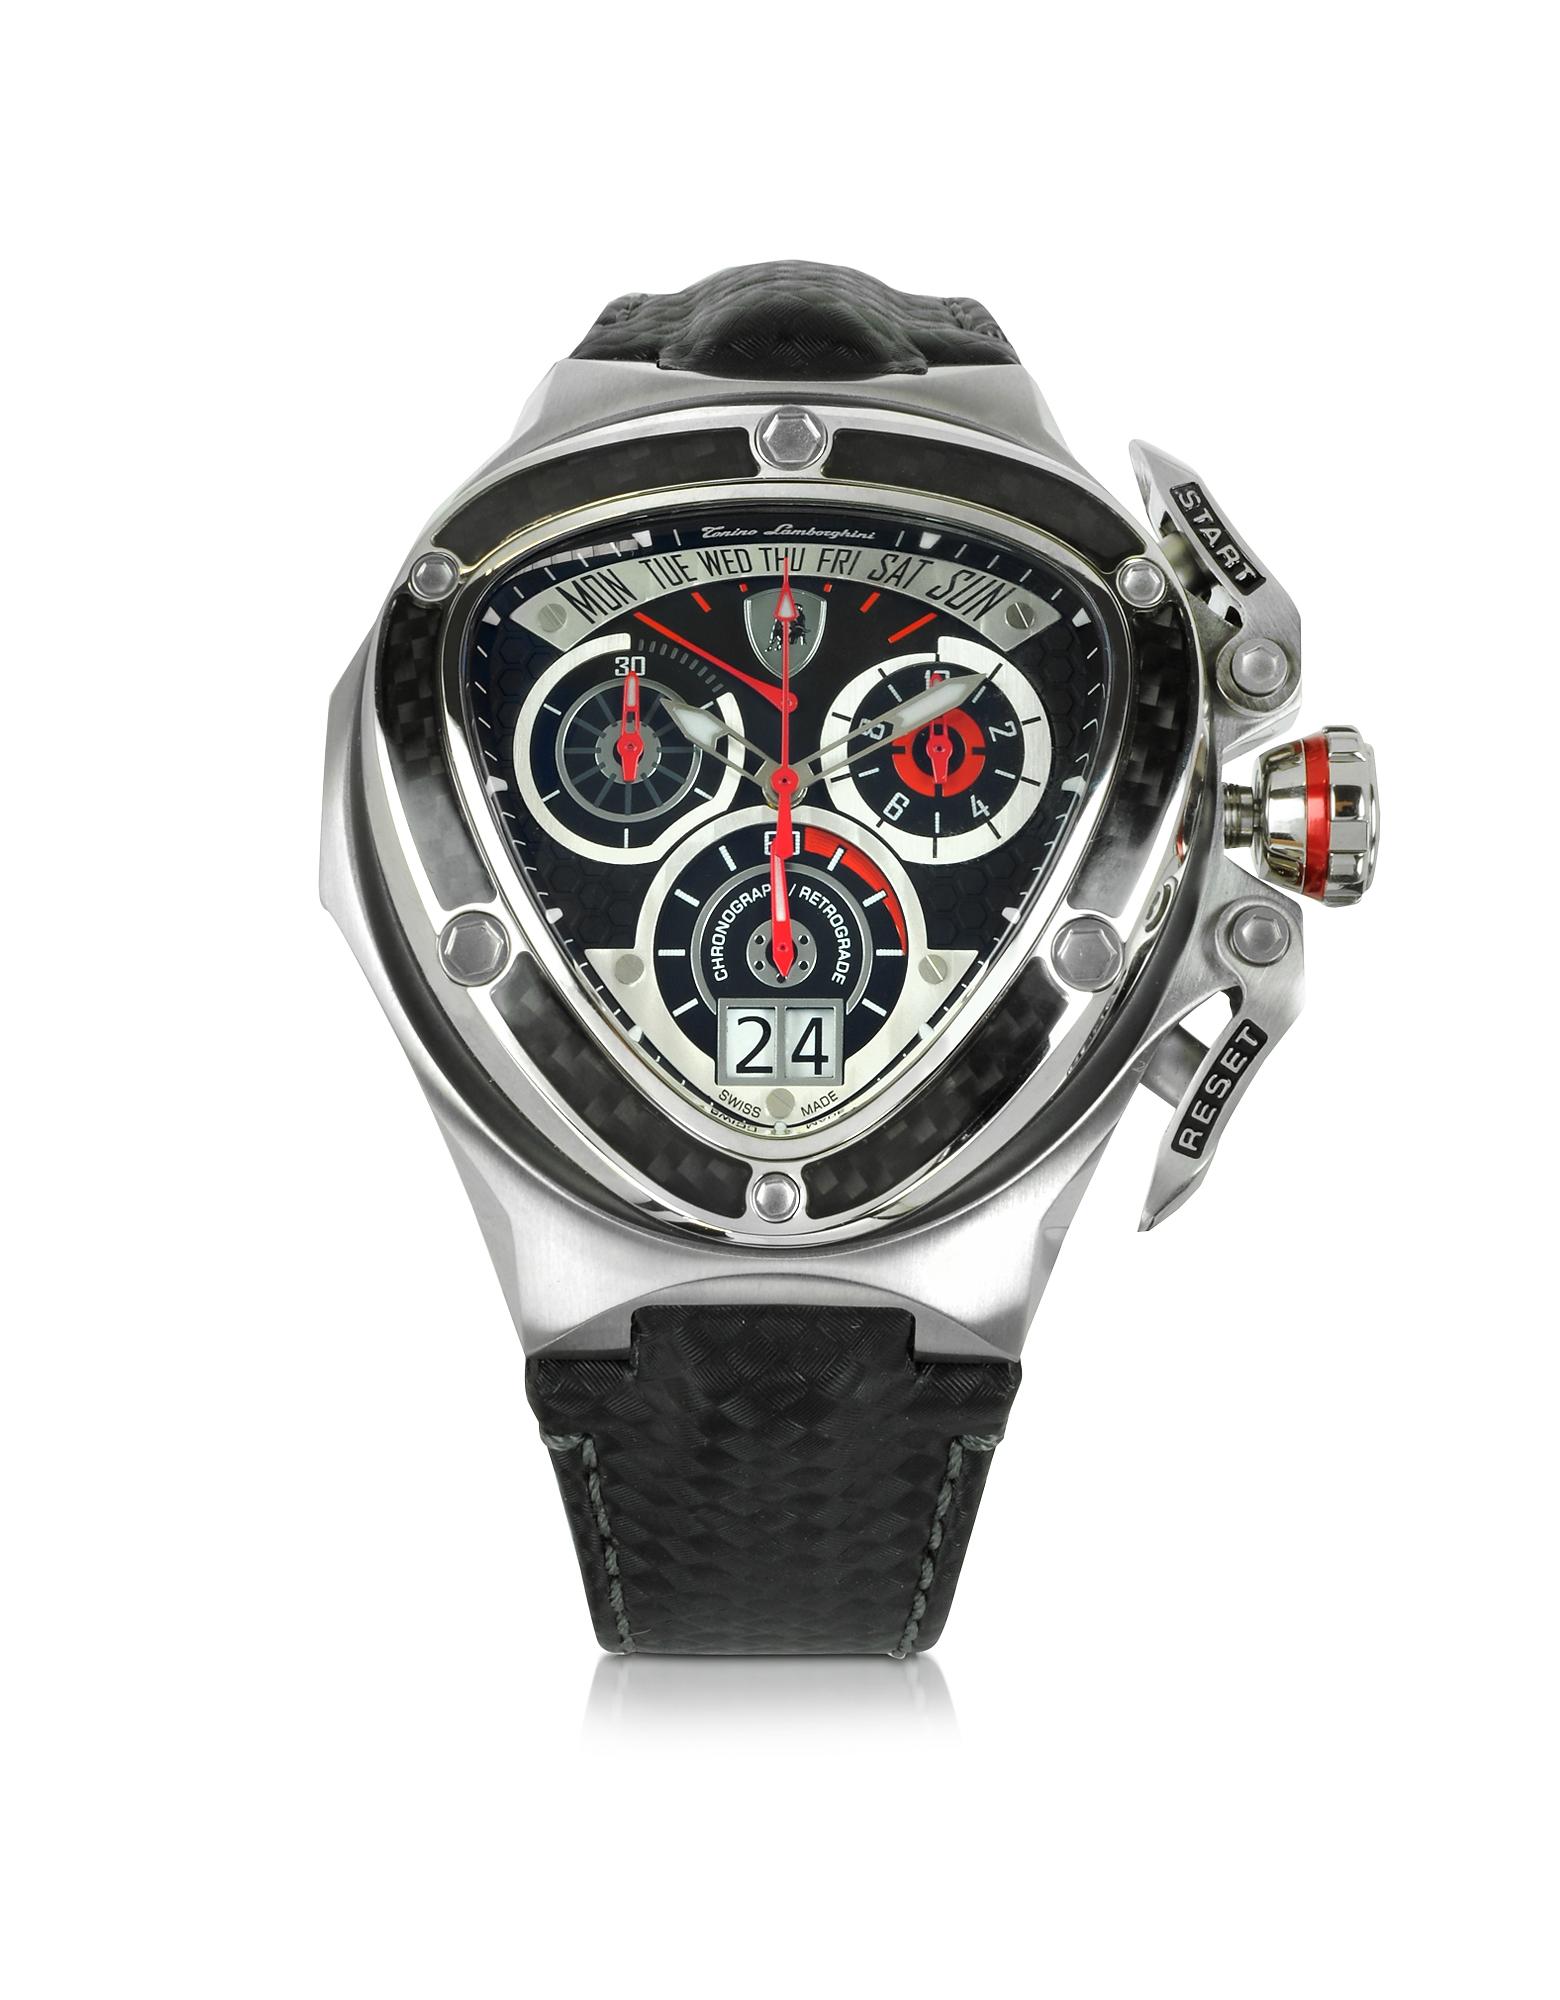 Tonino Lamborghini Spyder - Часы Хронограф из Красной и Серебристой Нержавеющей Стали